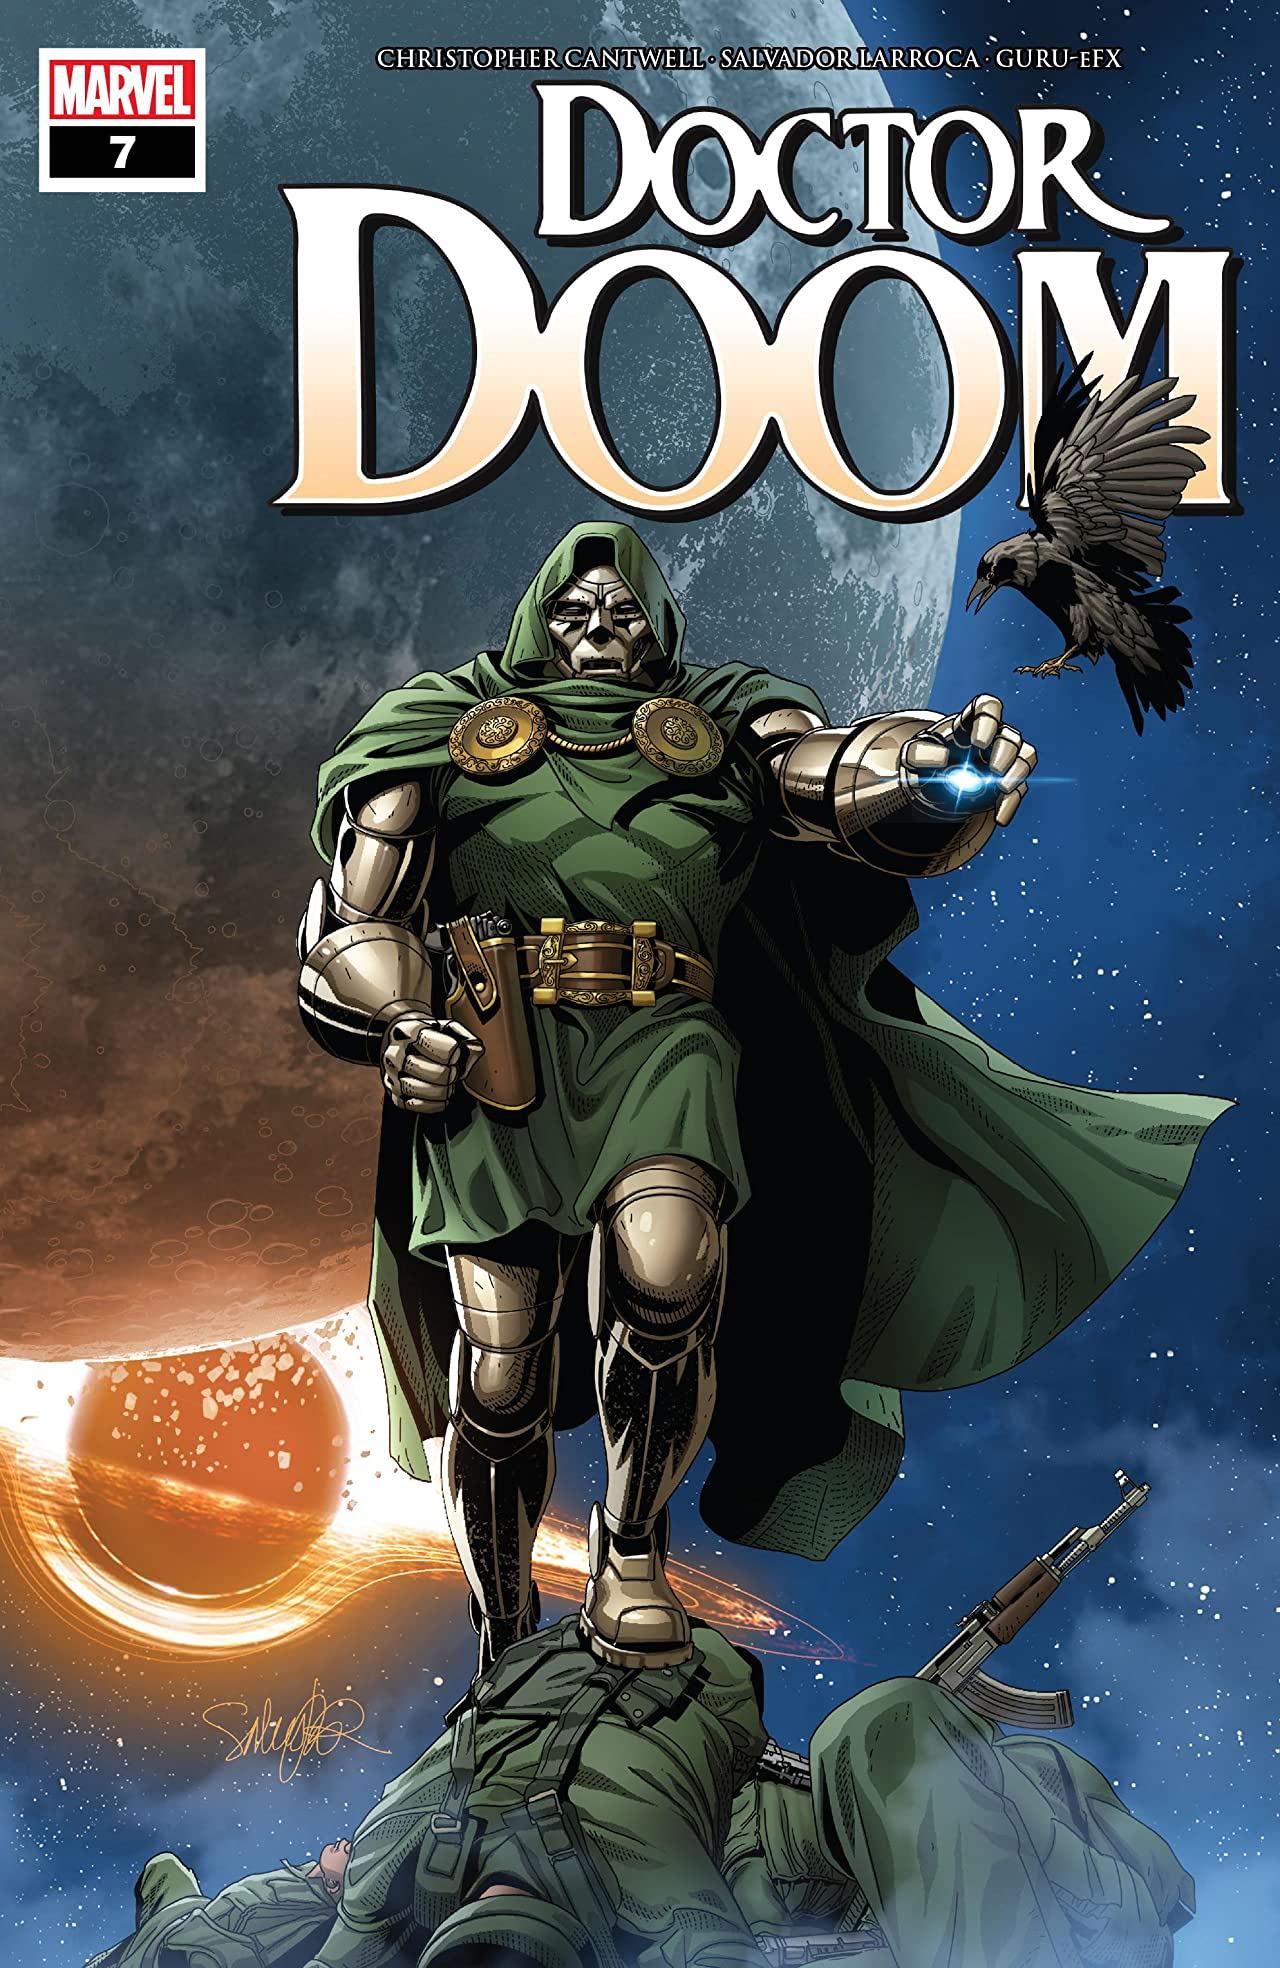 Doctor Doom Vol 1 7